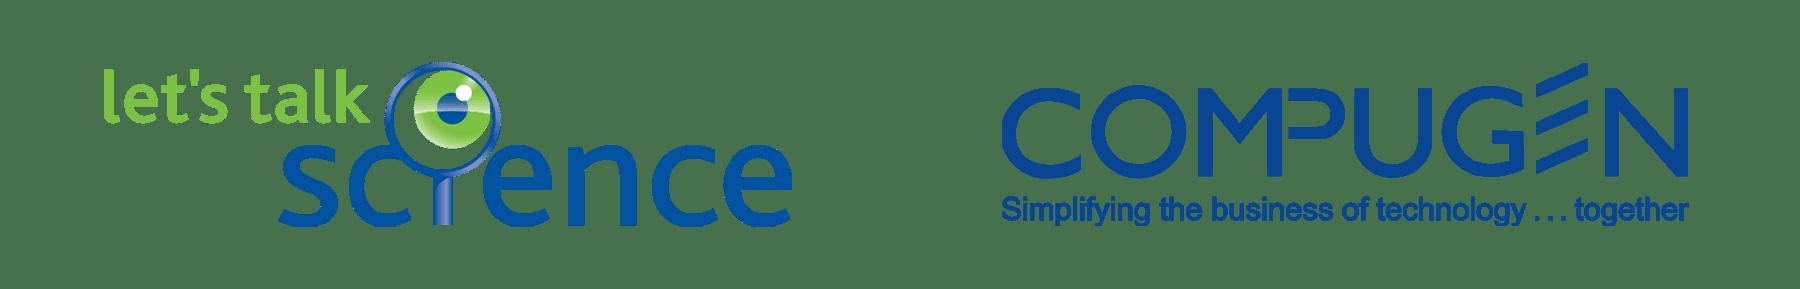 merged-logos